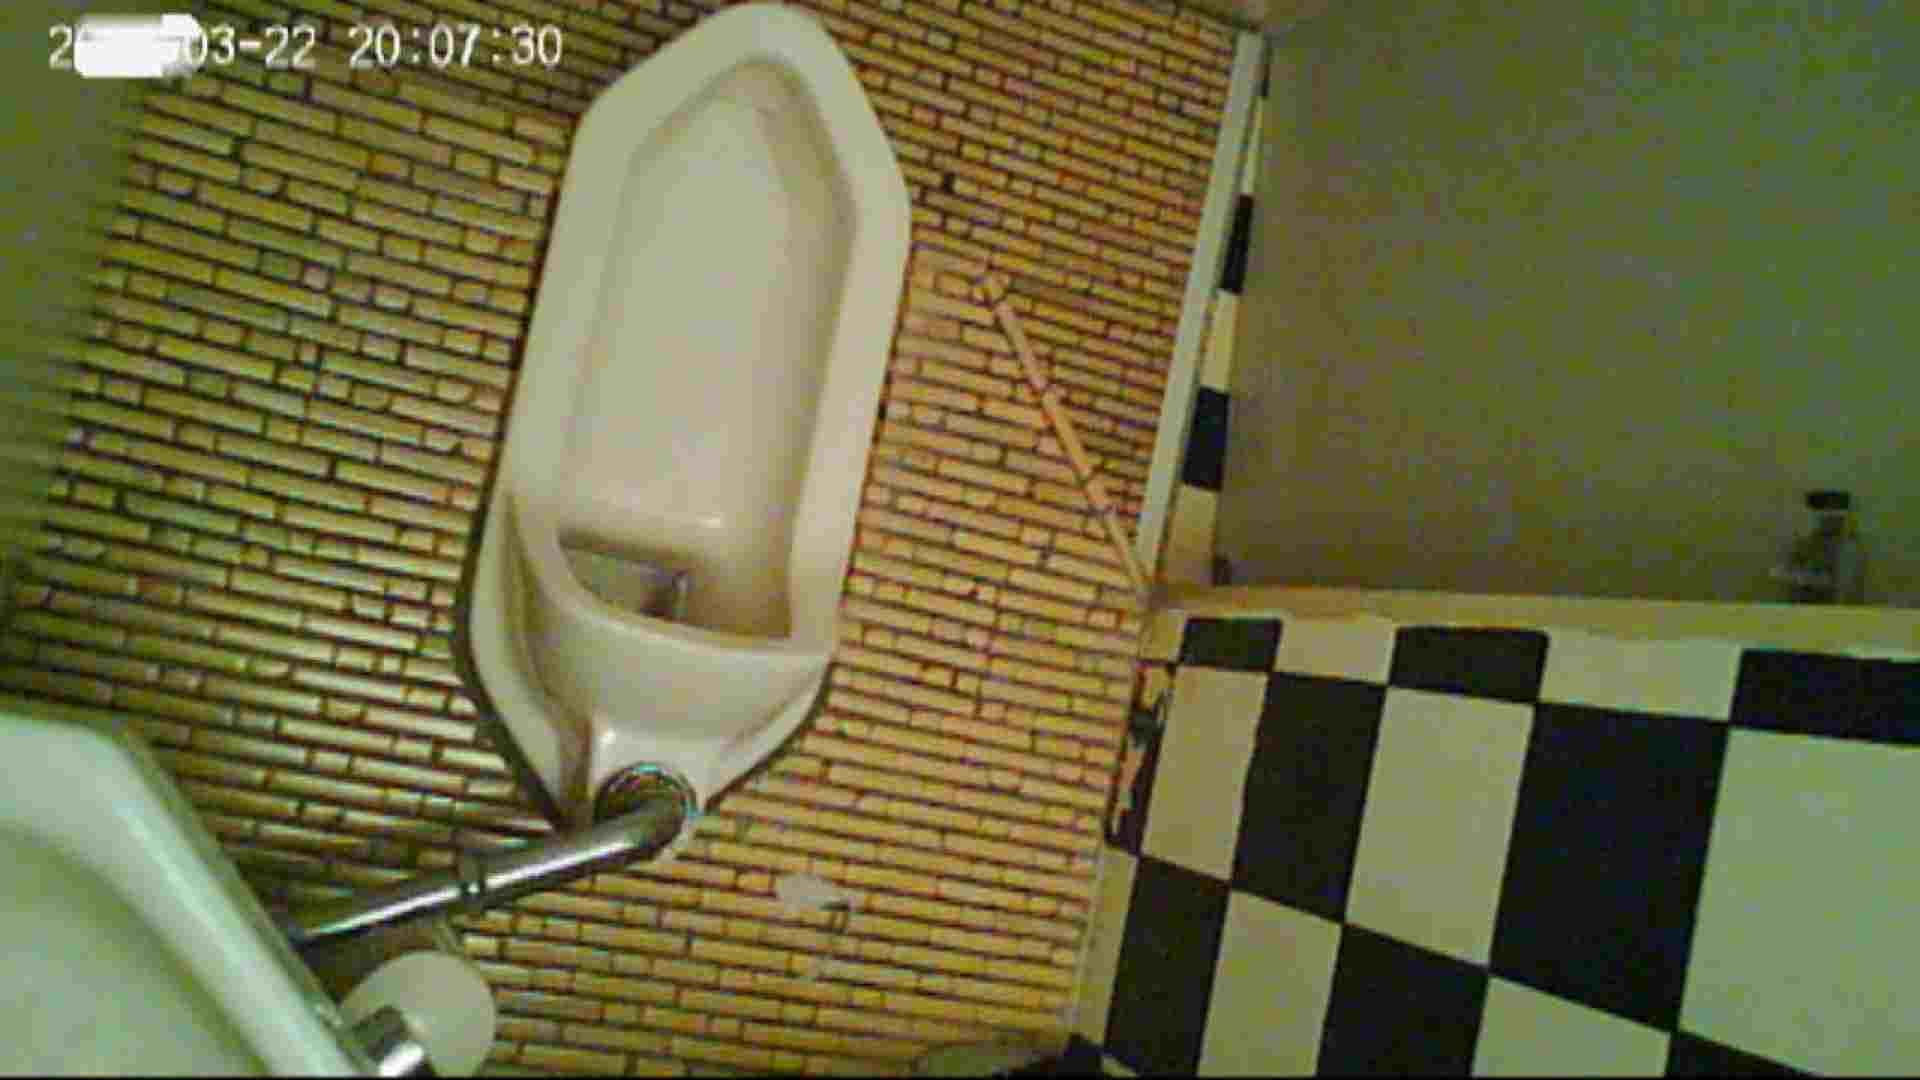 和式トイレの喫茶店店主マロンさんのコレクションvol.2 盗撮  59連発 45